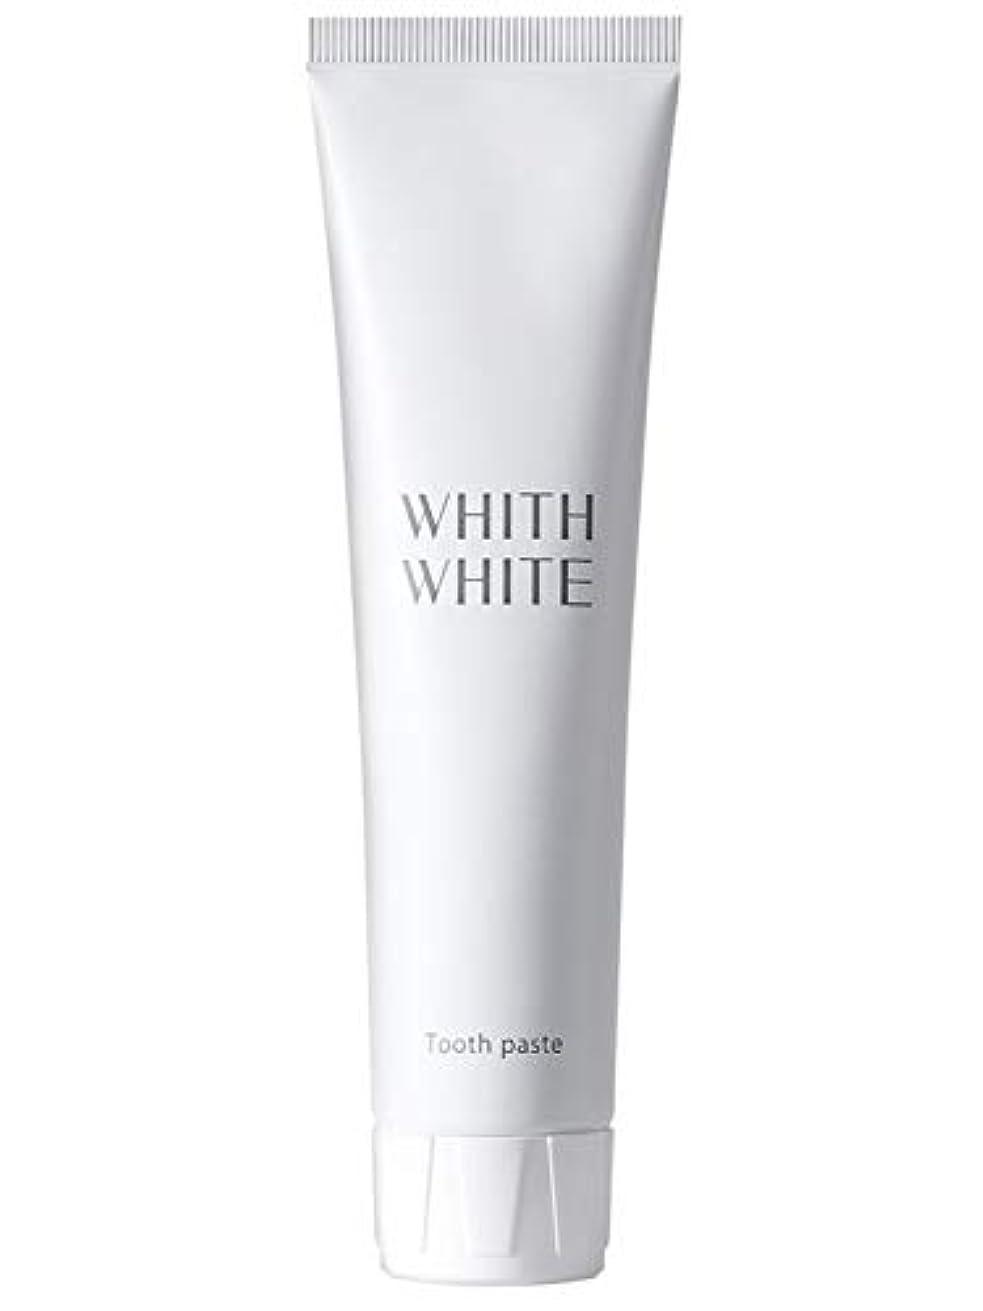 委任下位セールホワイトニング 歯磨き粉 フィス ホワイト 医薬部外品 薬用 歯磨き 【 歯周病 口臭予防 フッ素 キシリトール 配合 】「 歯 を 白く する はみがき粉 」「 子供 にも使える 大人 こども 日本製 120g 」